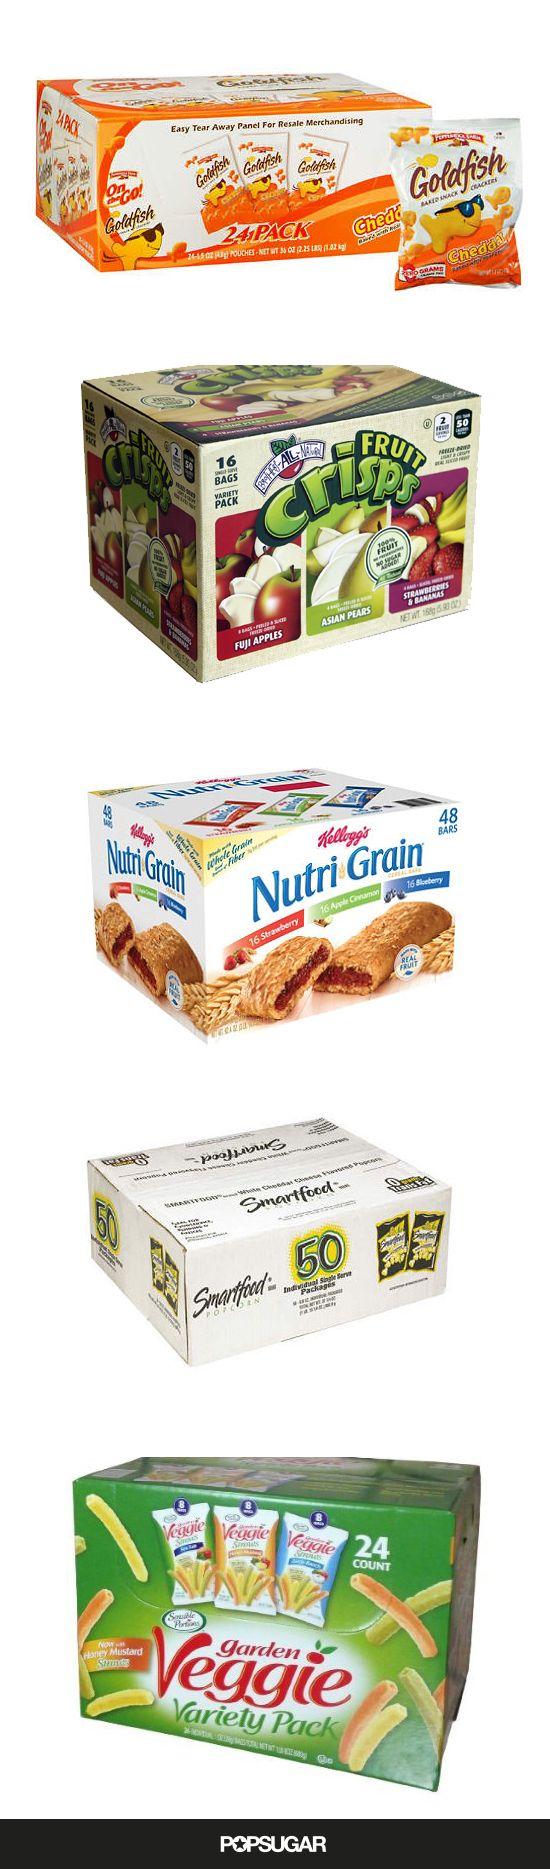 Nut-Free Snacks For Moms Who Buy in Bulk